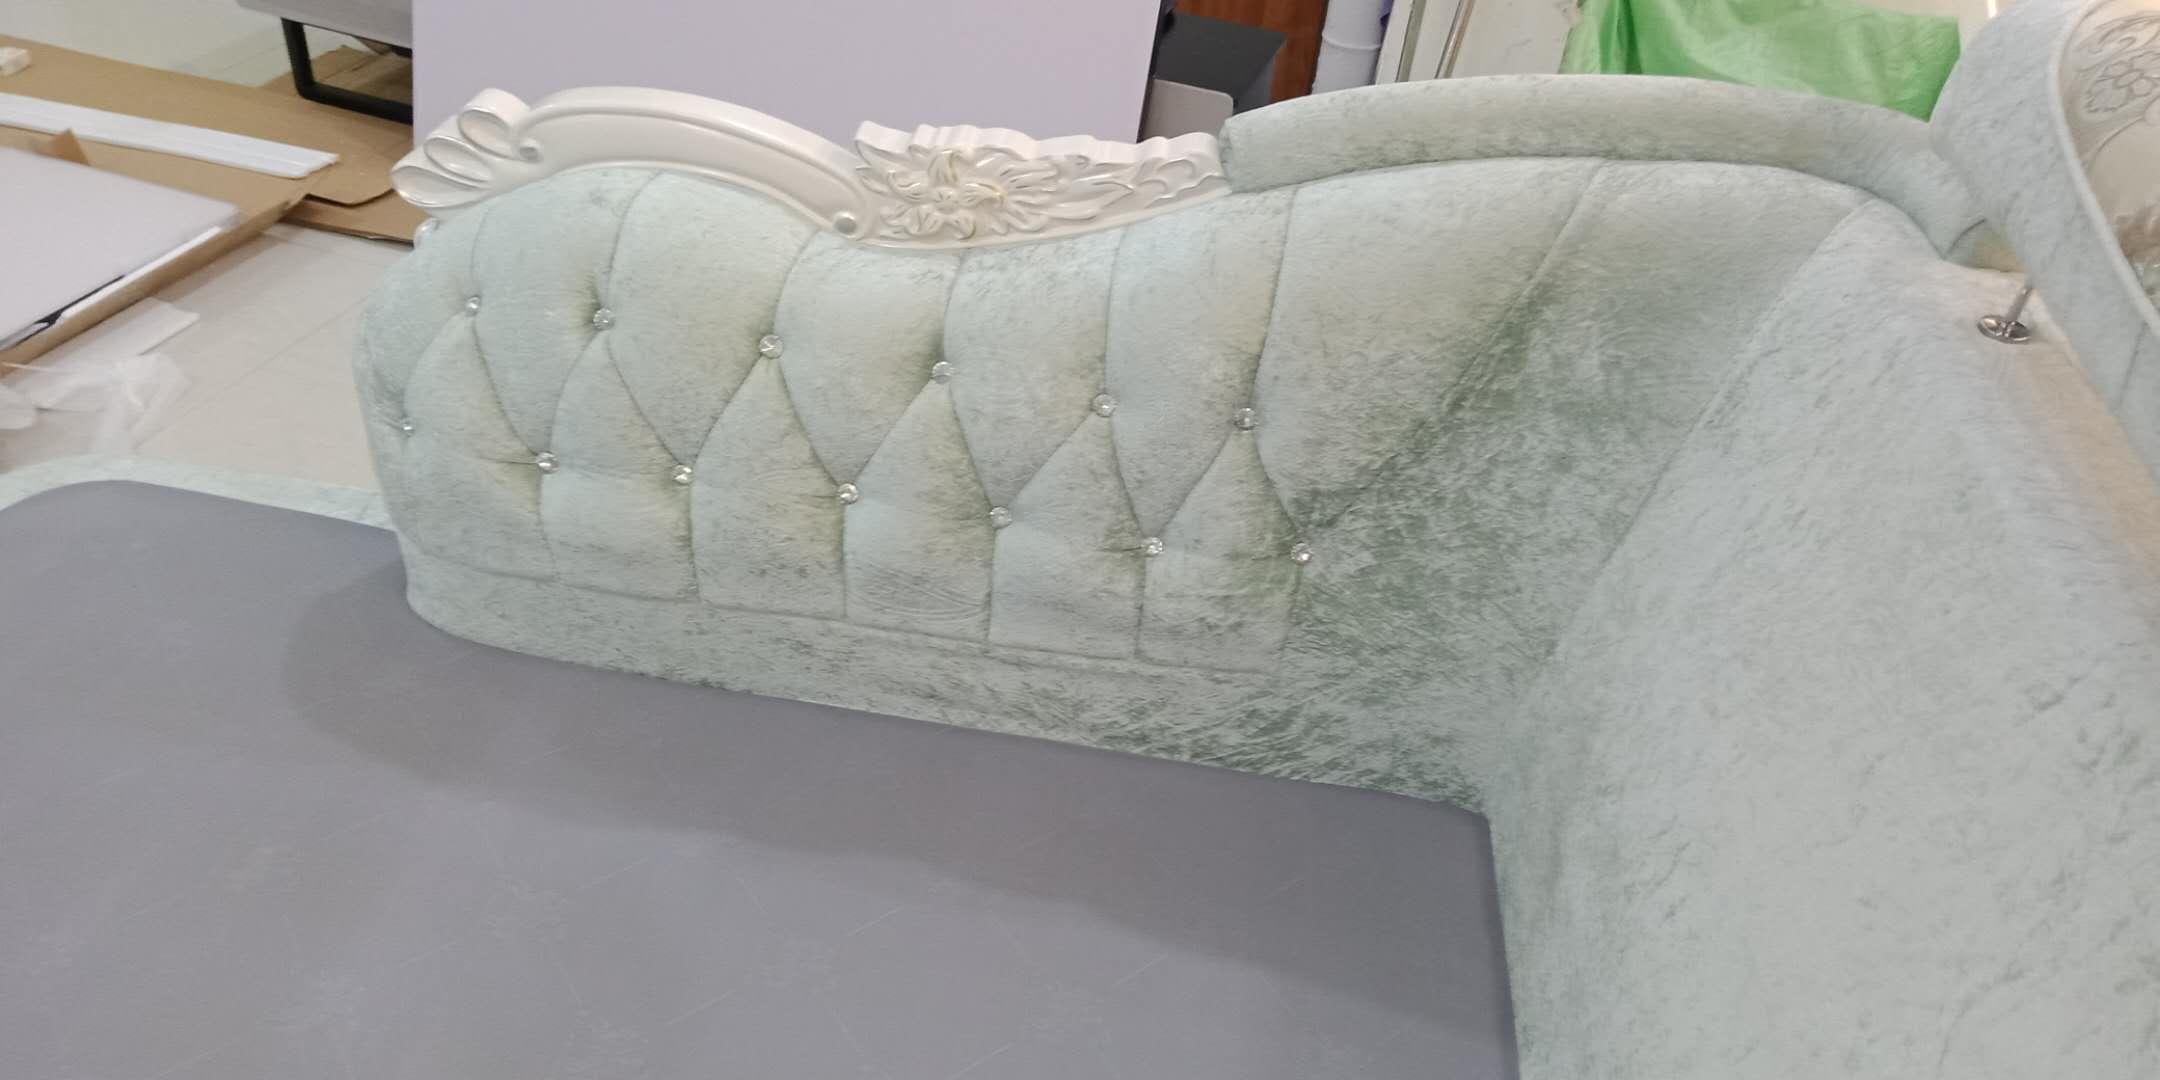 沙发不清洗的危害: